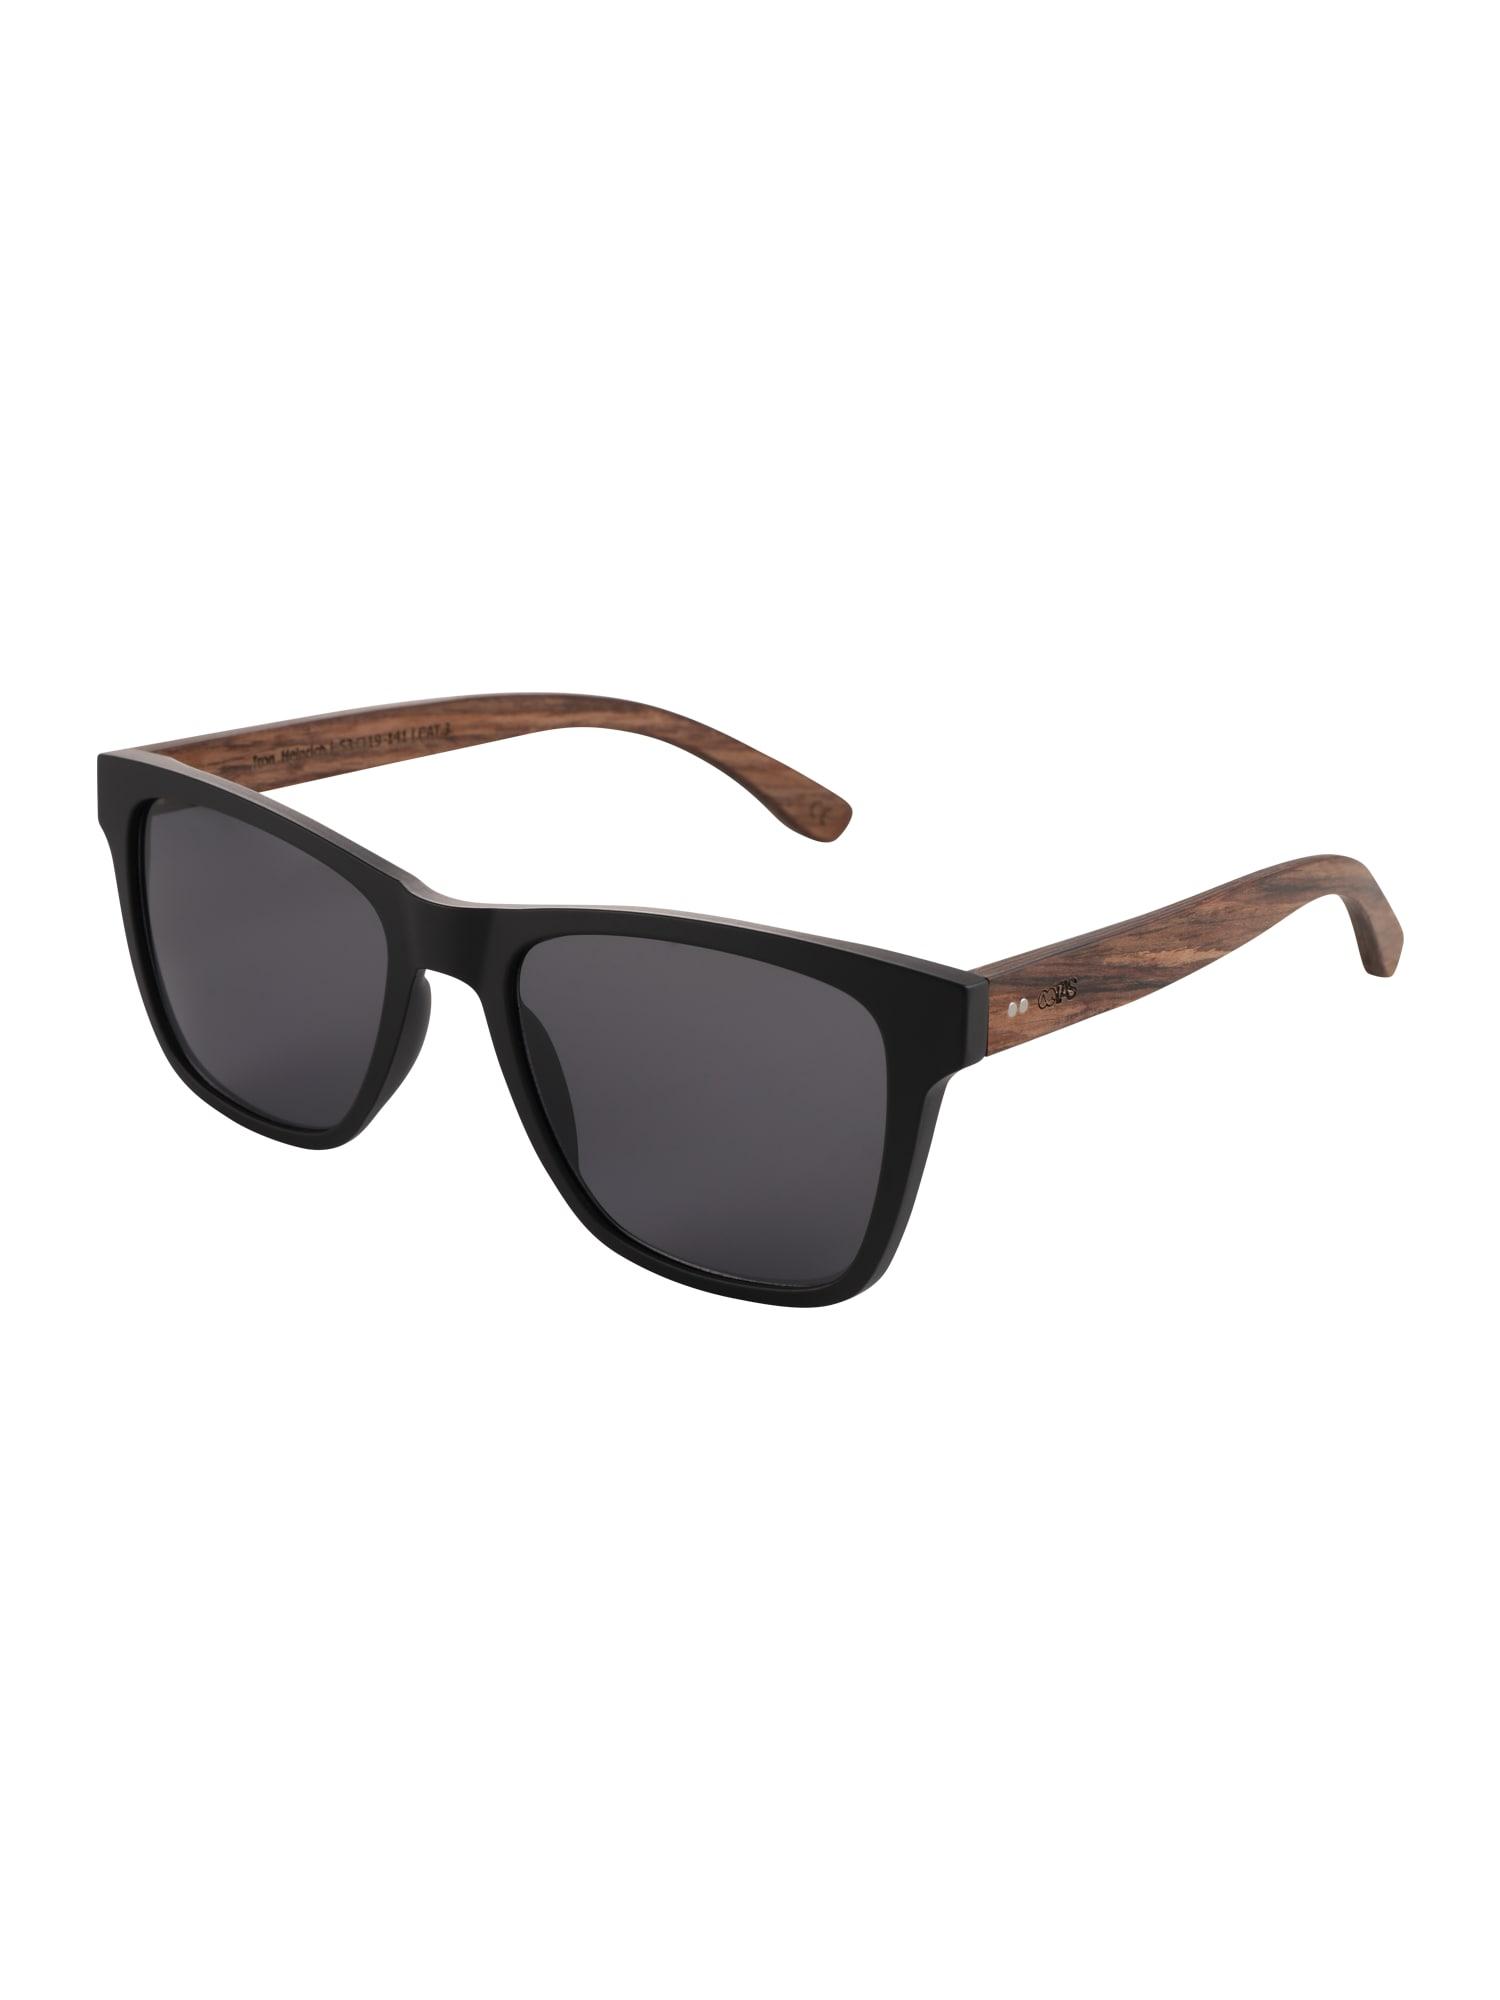 Sluneční brýle New Grimm Collection hnědá černá TAKE A SHOT